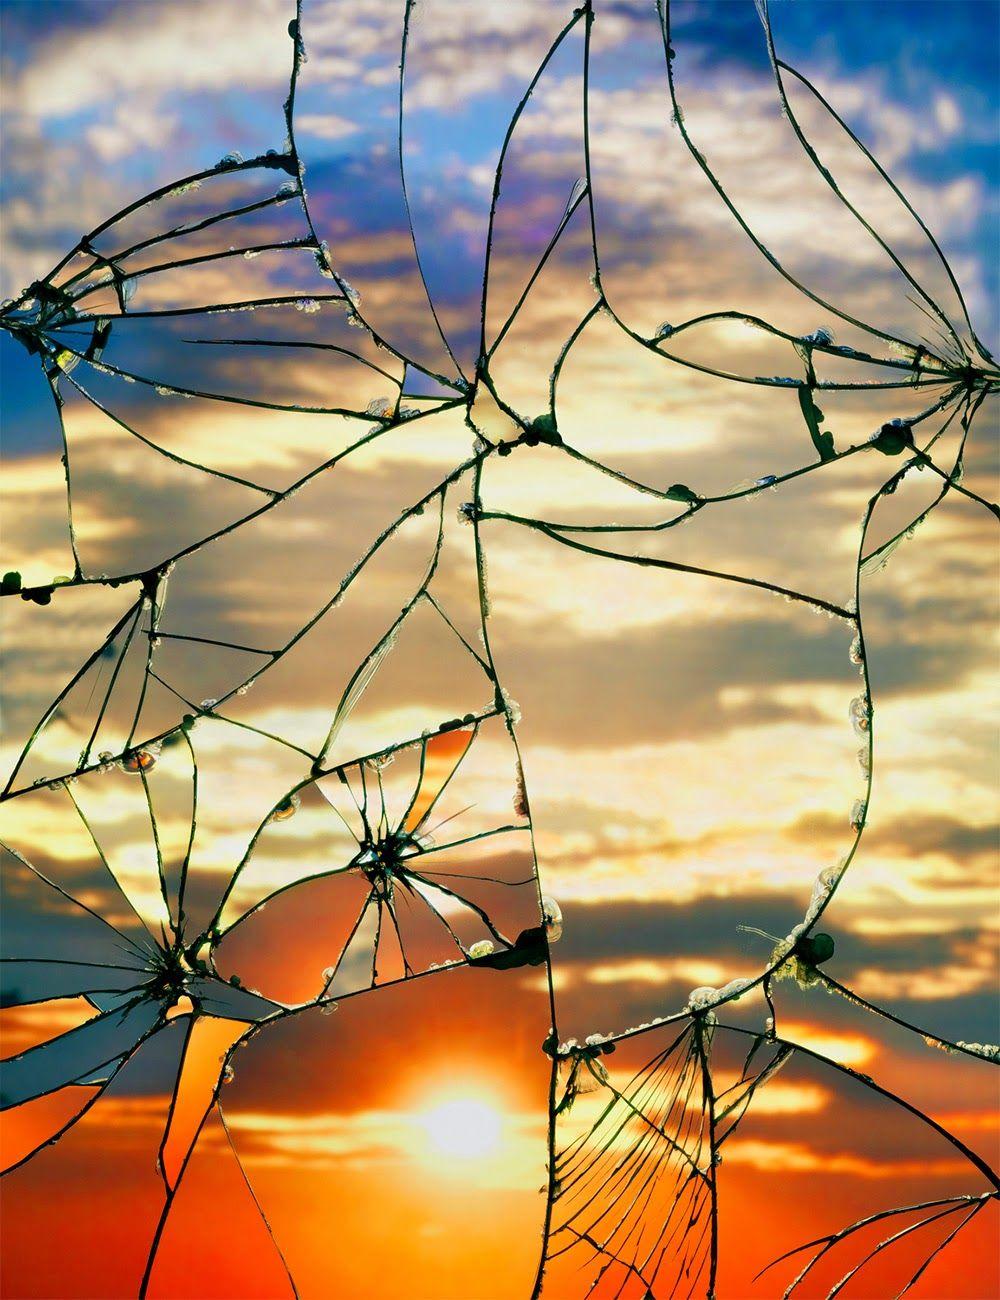 خلفيات غروب الشمس بطريقة مختلفة للأجهزة المحمولة مداد الجليد Shattered Mirror Reflection Photography Mirror Photography